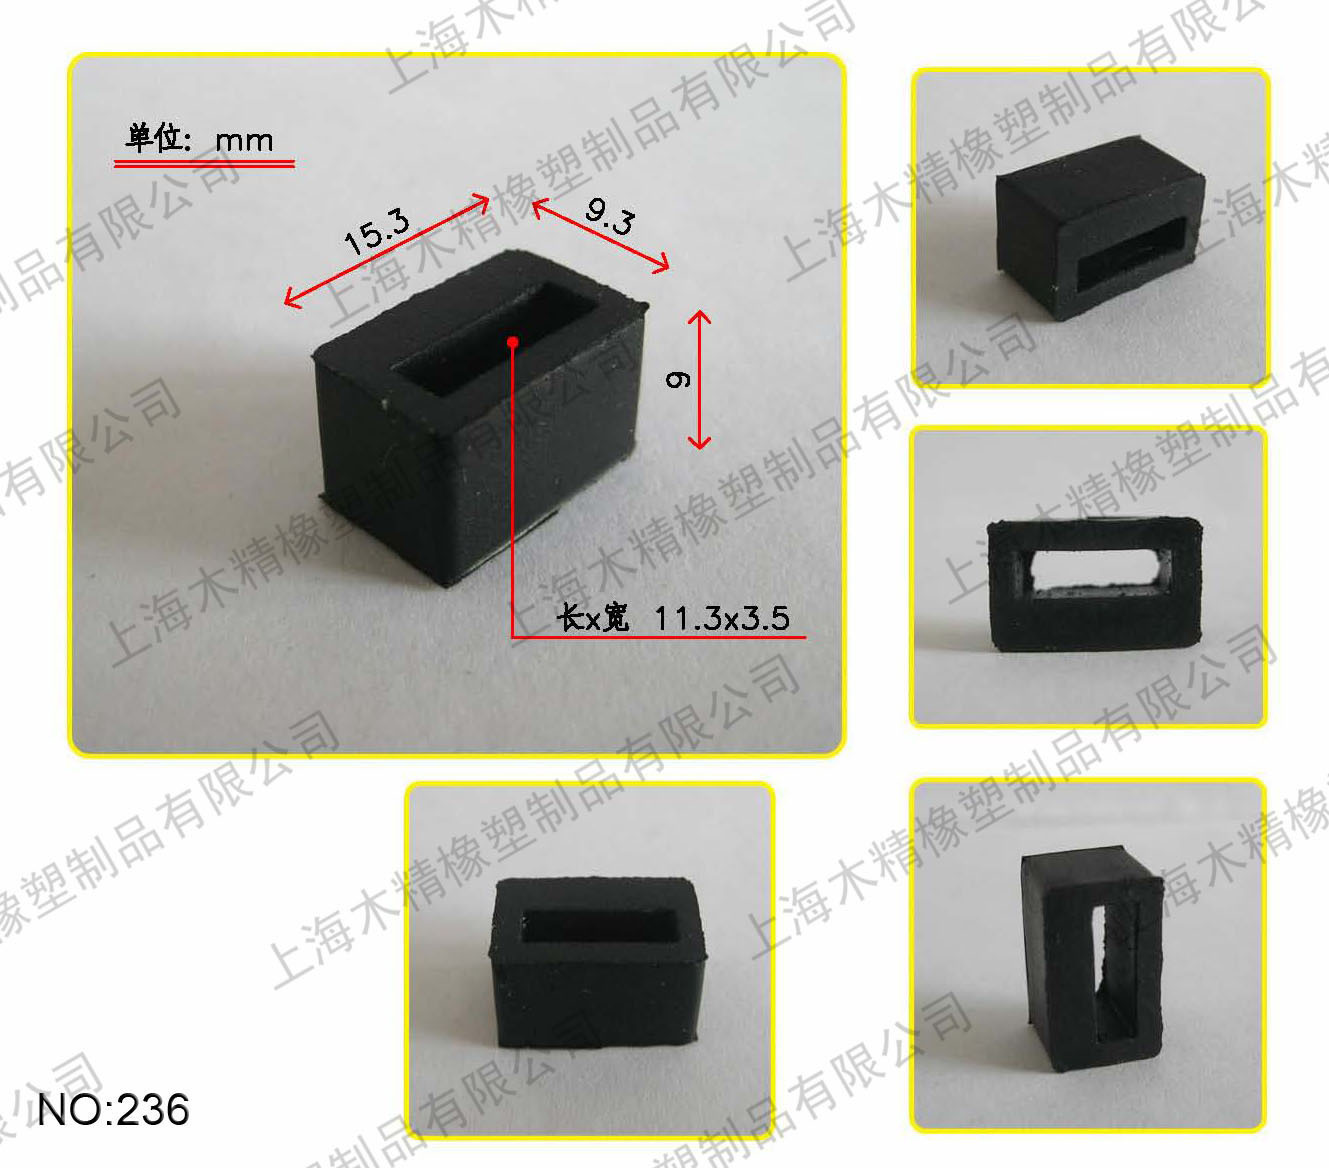 고무 뒷막이, 고무 보호 덮개, 사각형 인력거의 발판, 고무 깃 을 마찰 블록 15.3X9mm